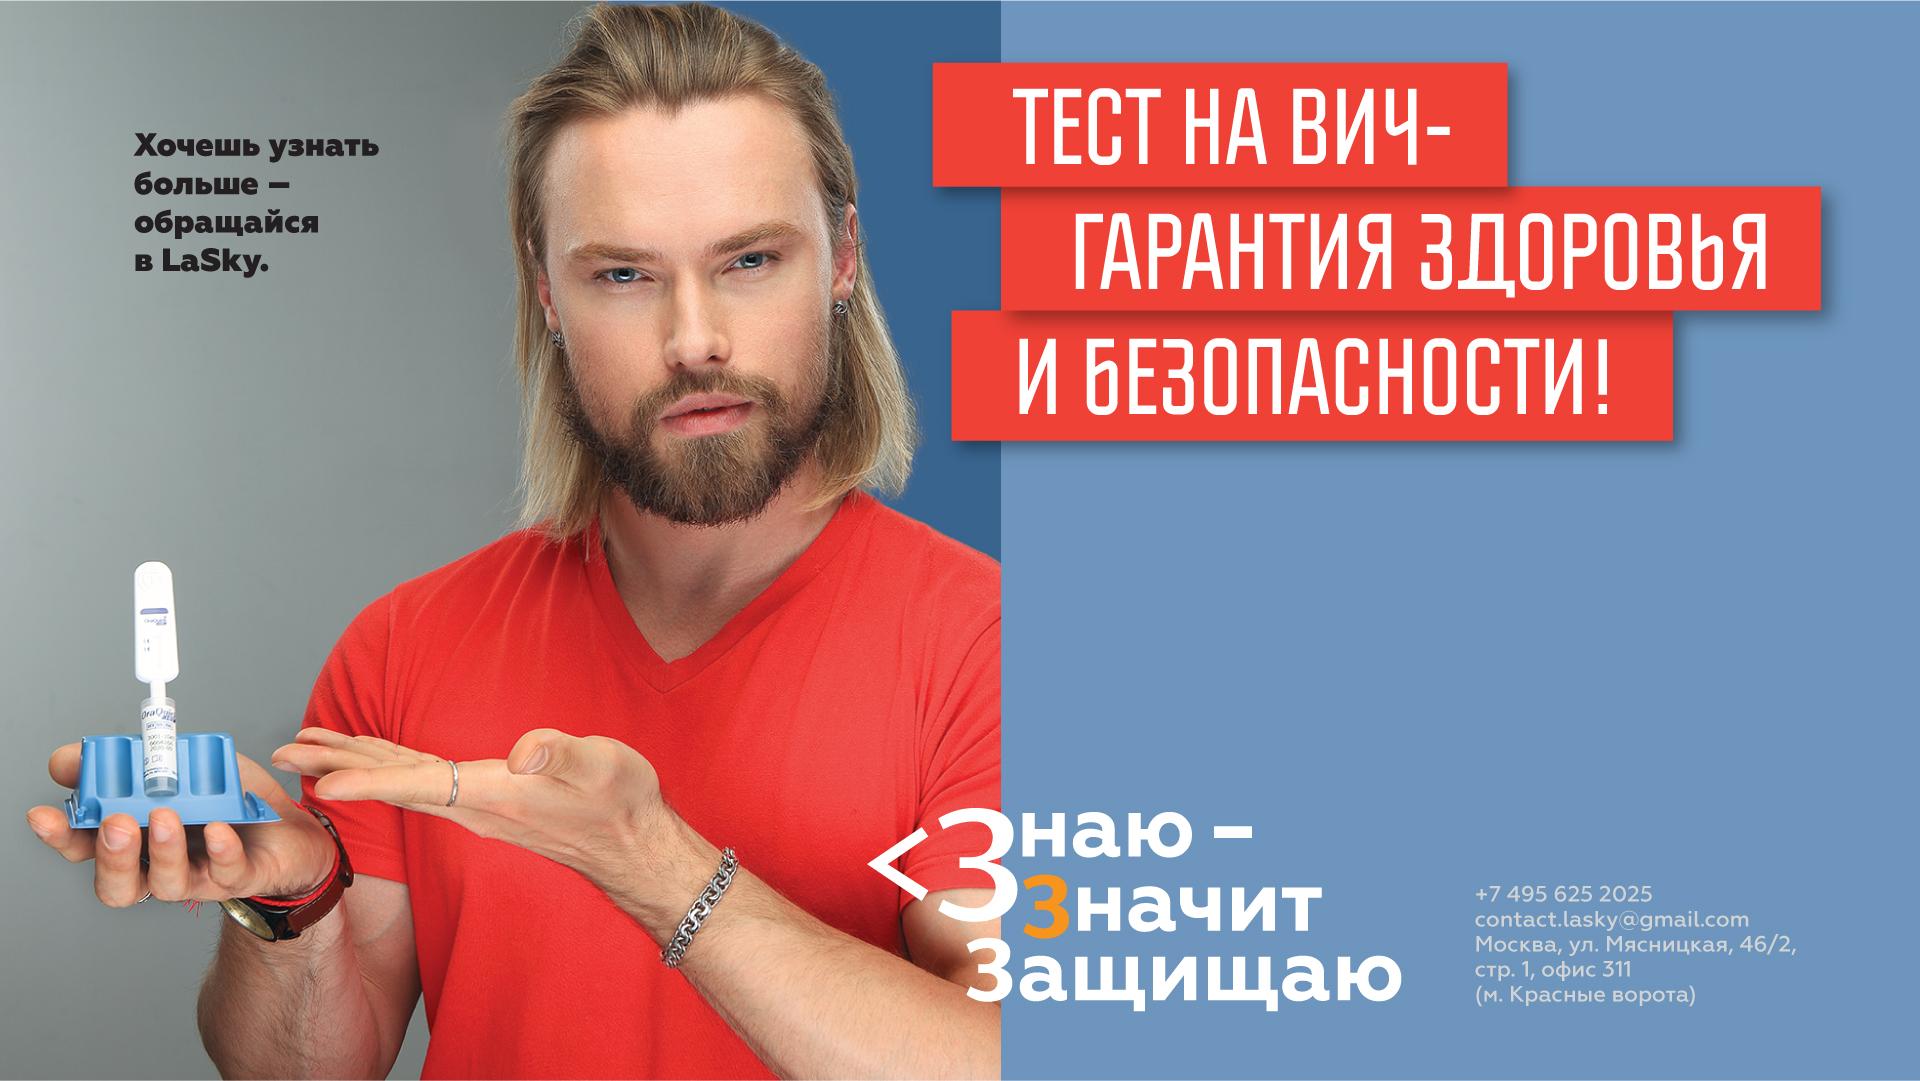 «Знаю – значит защищаю»: LaSky проводит информационную кампанию по профилактике ВИЧ - изображение 1